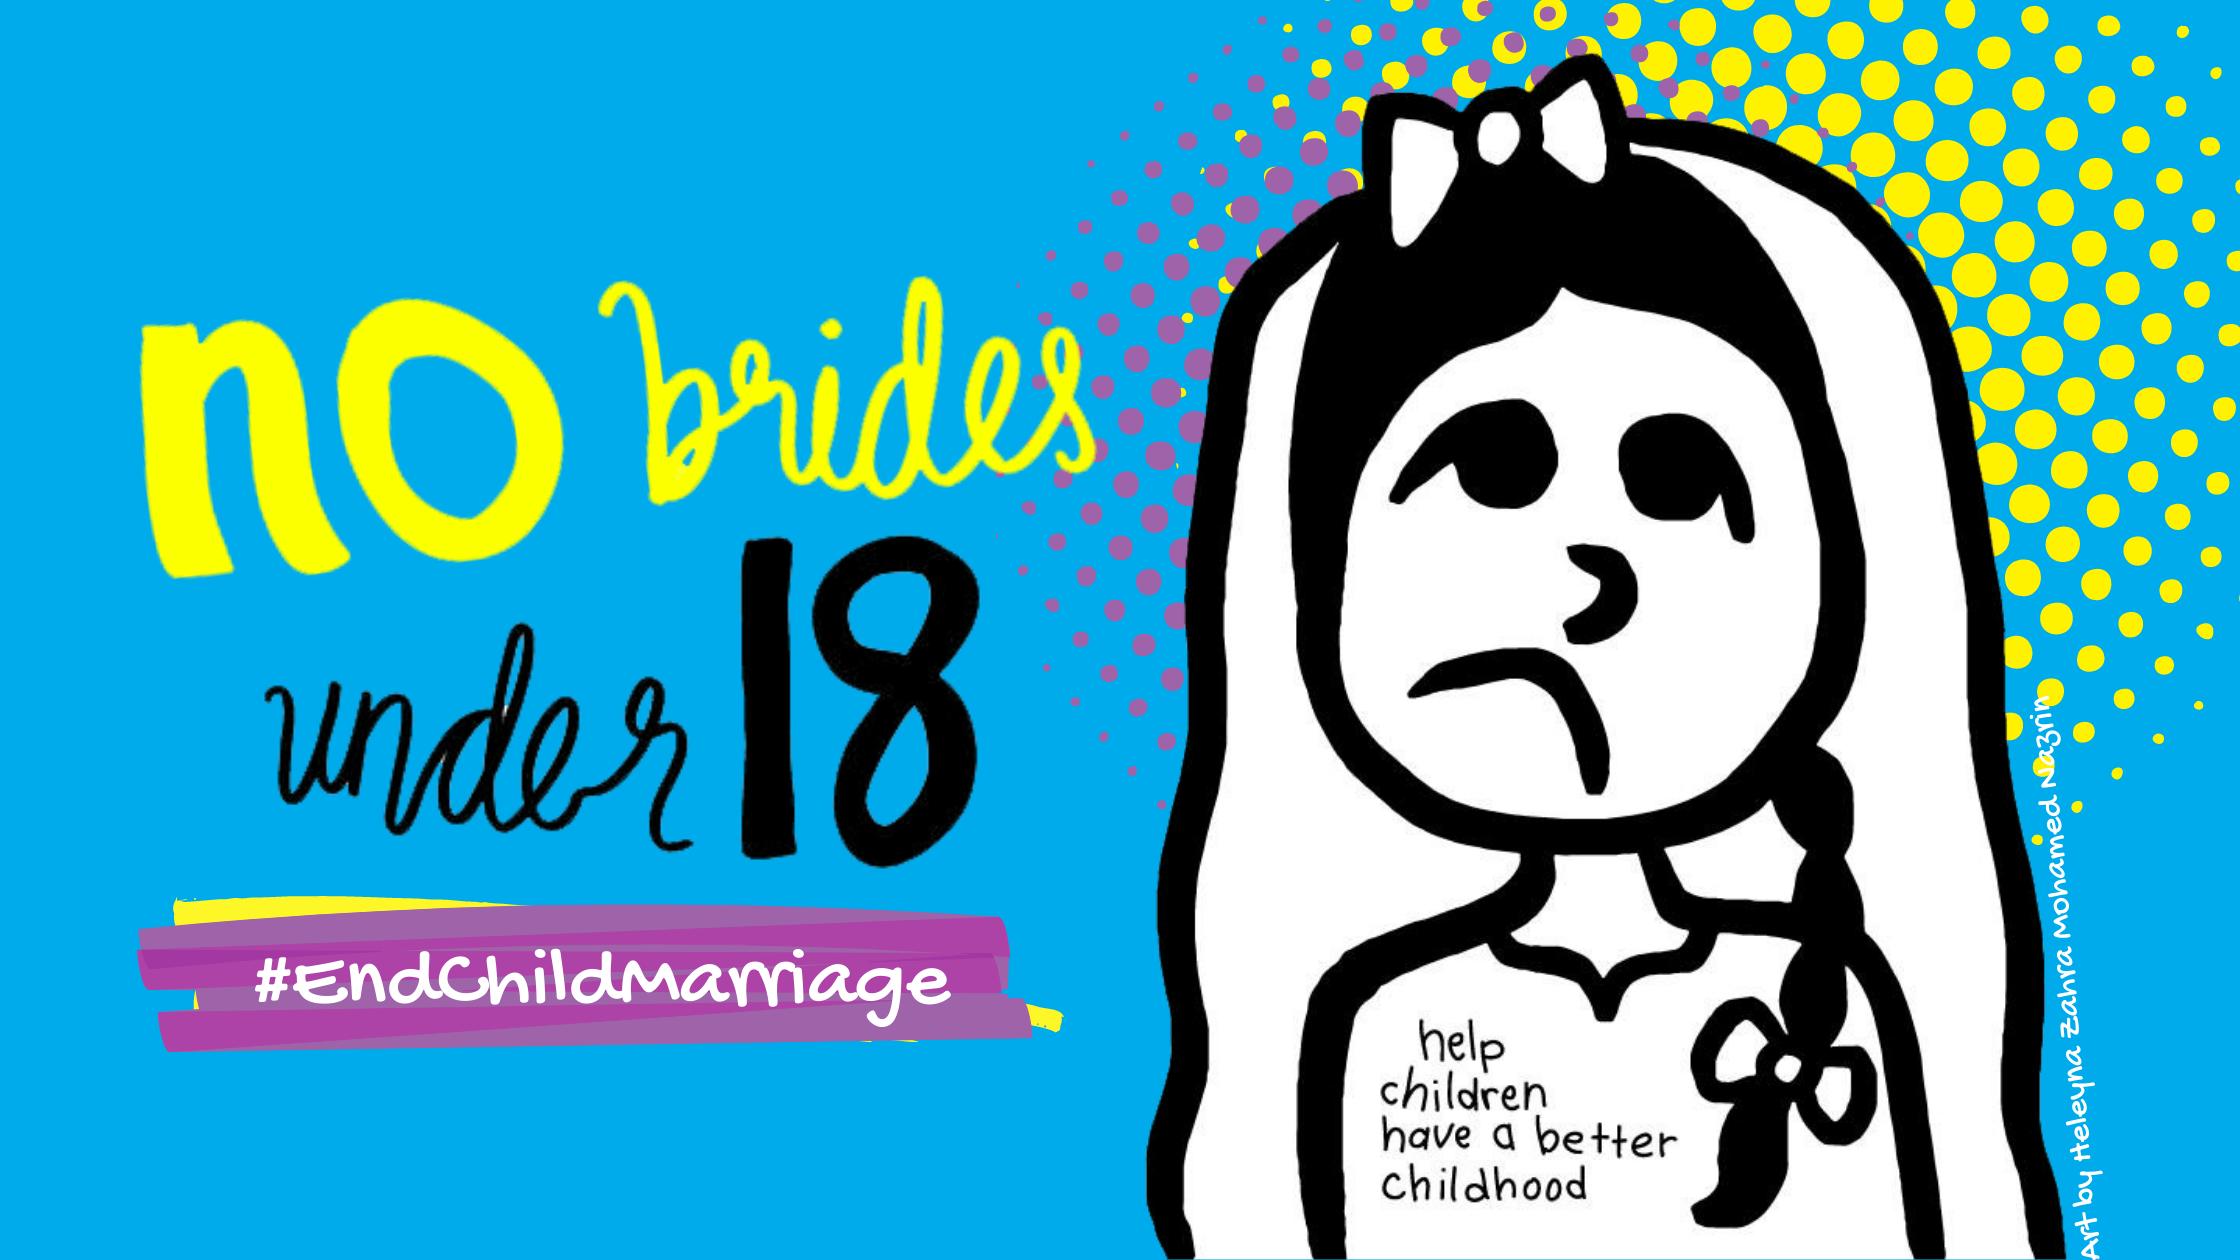 graphic of a child bride